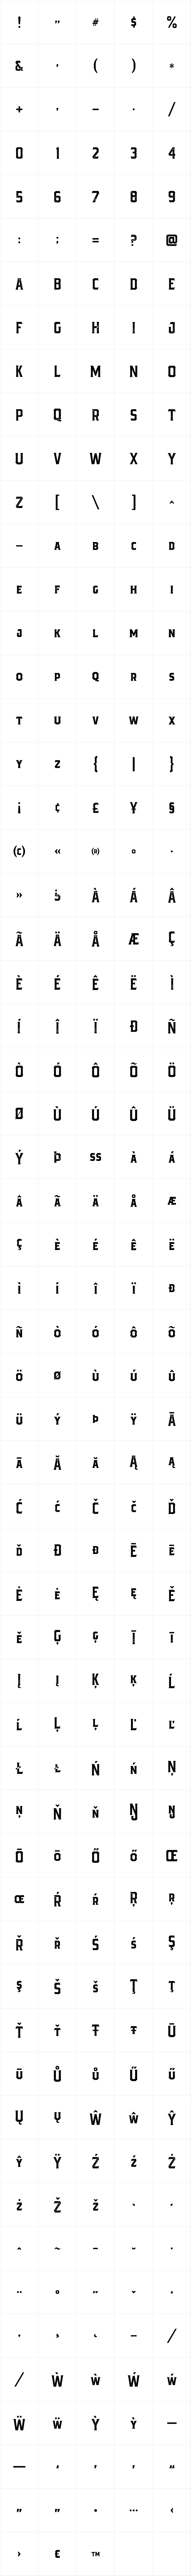 Bartender Serif Letterpress